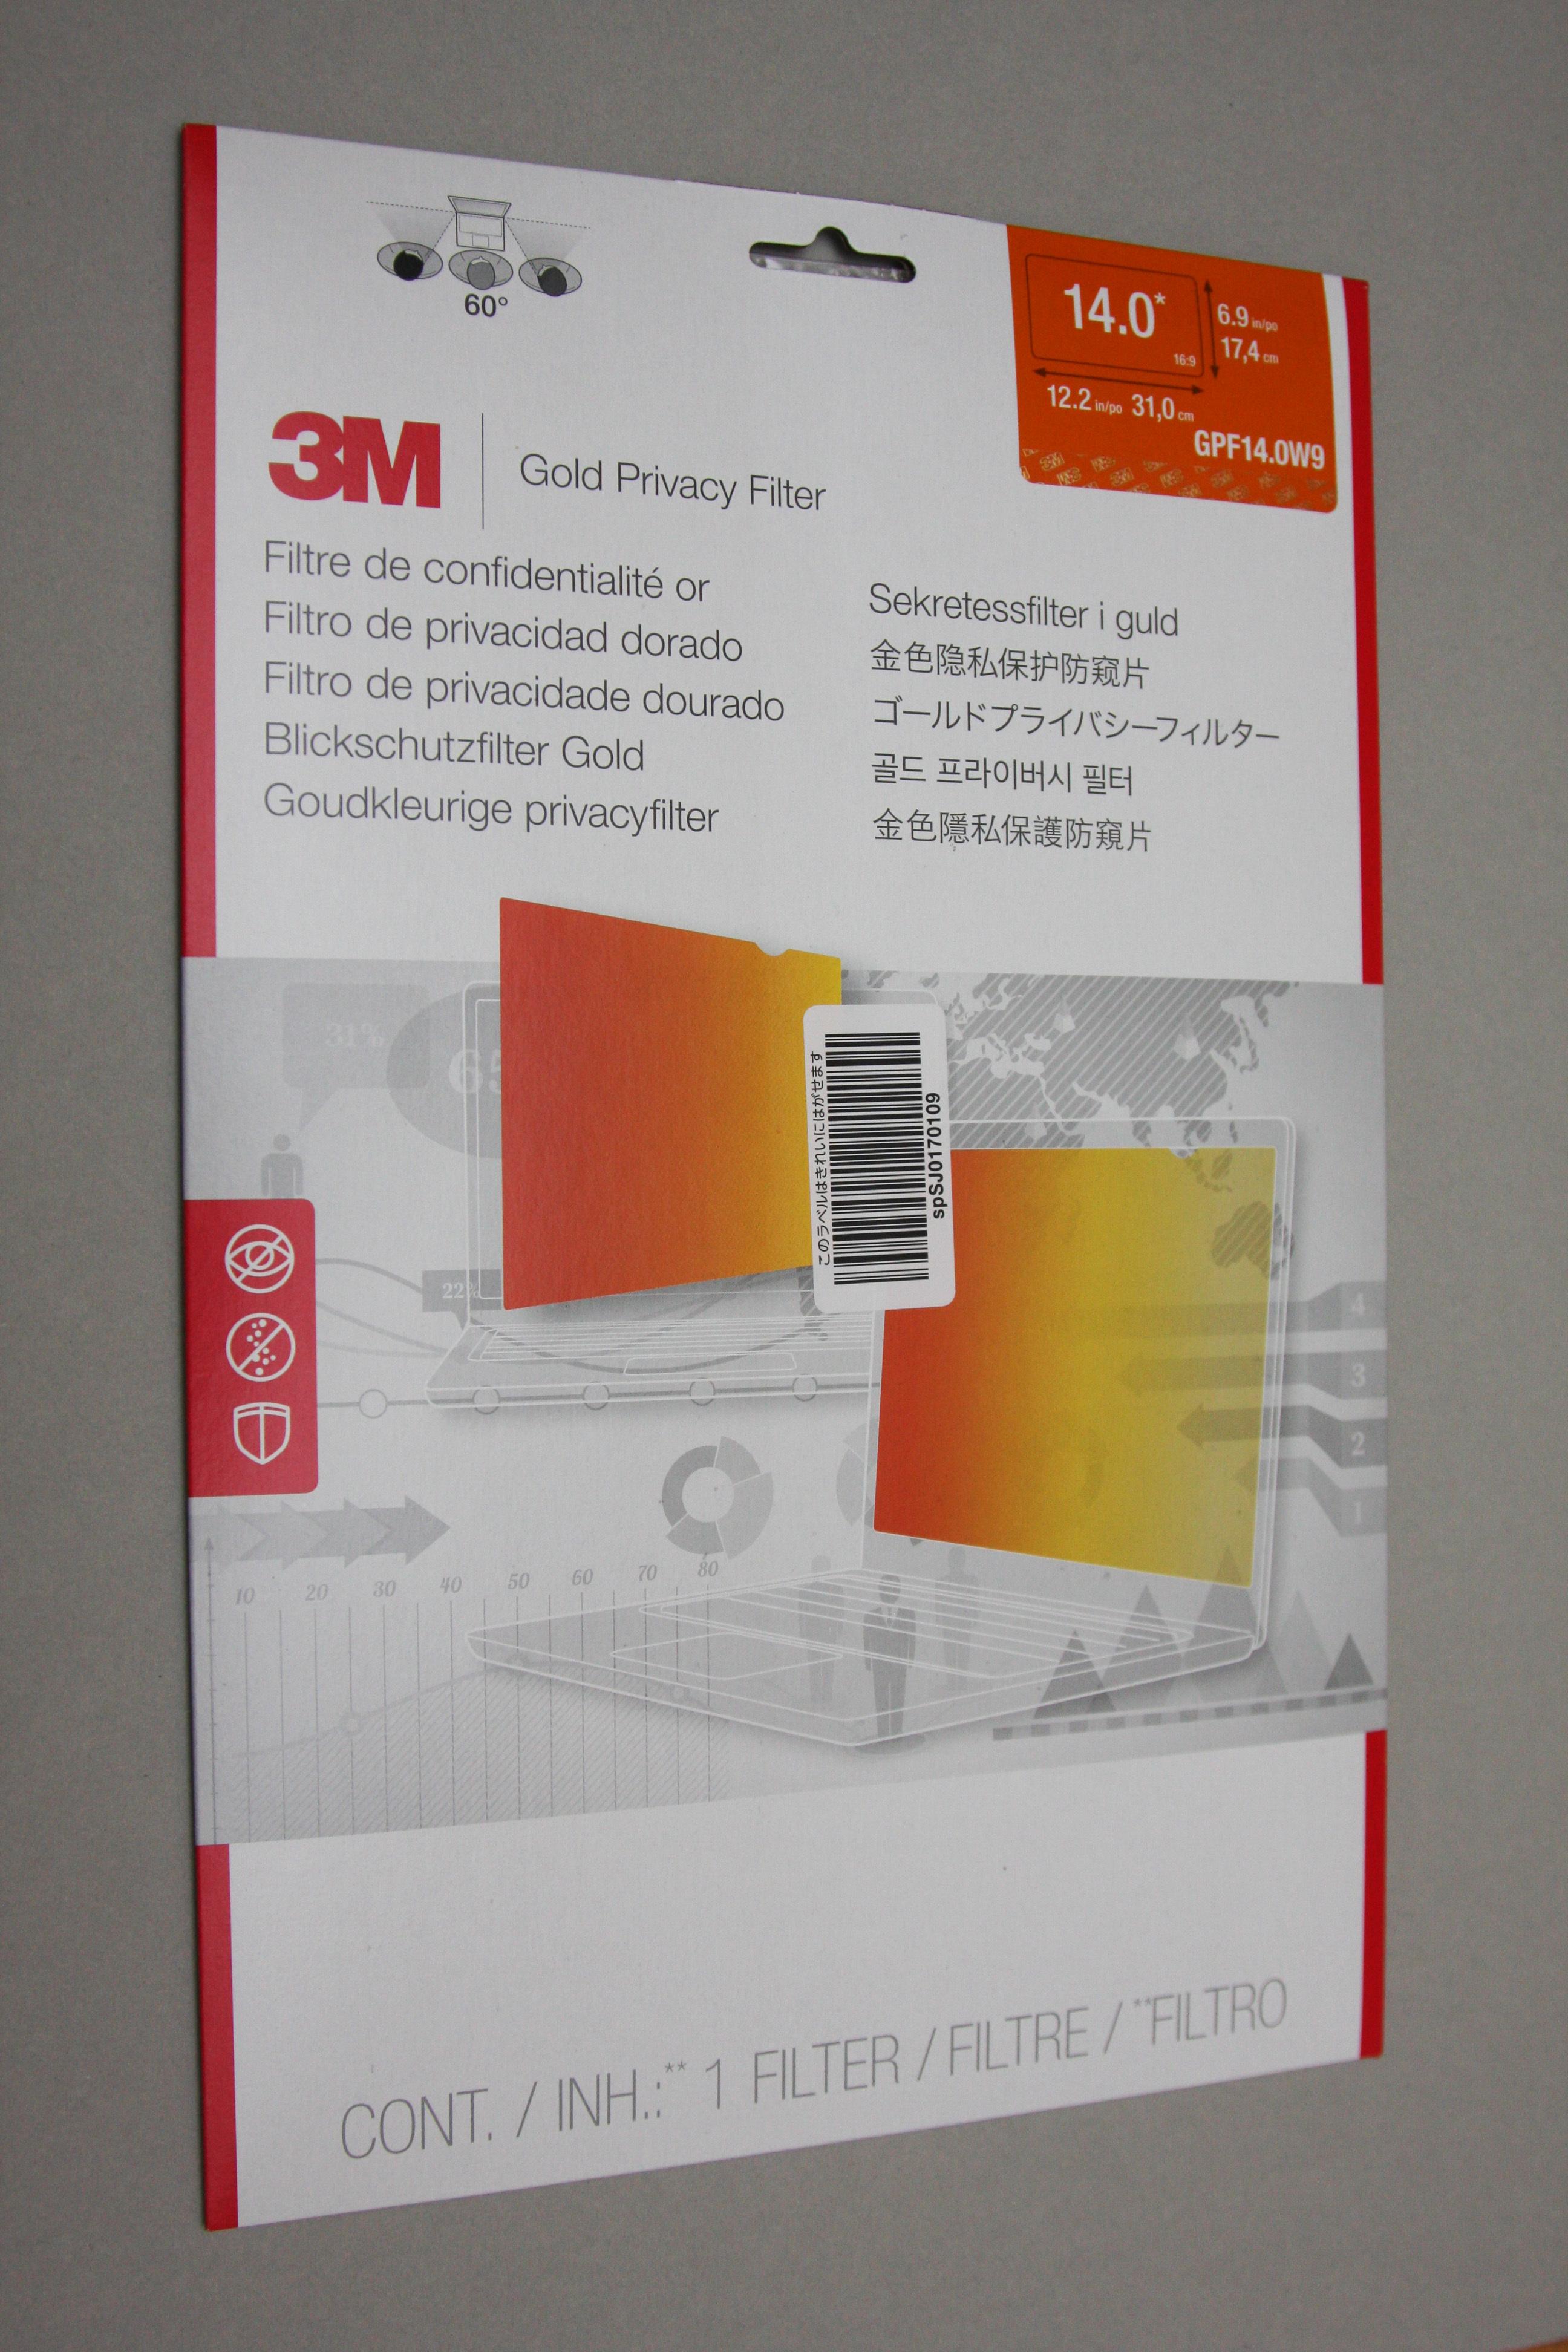 3MTMゴールドプライバシーフィルター GPF14.0W